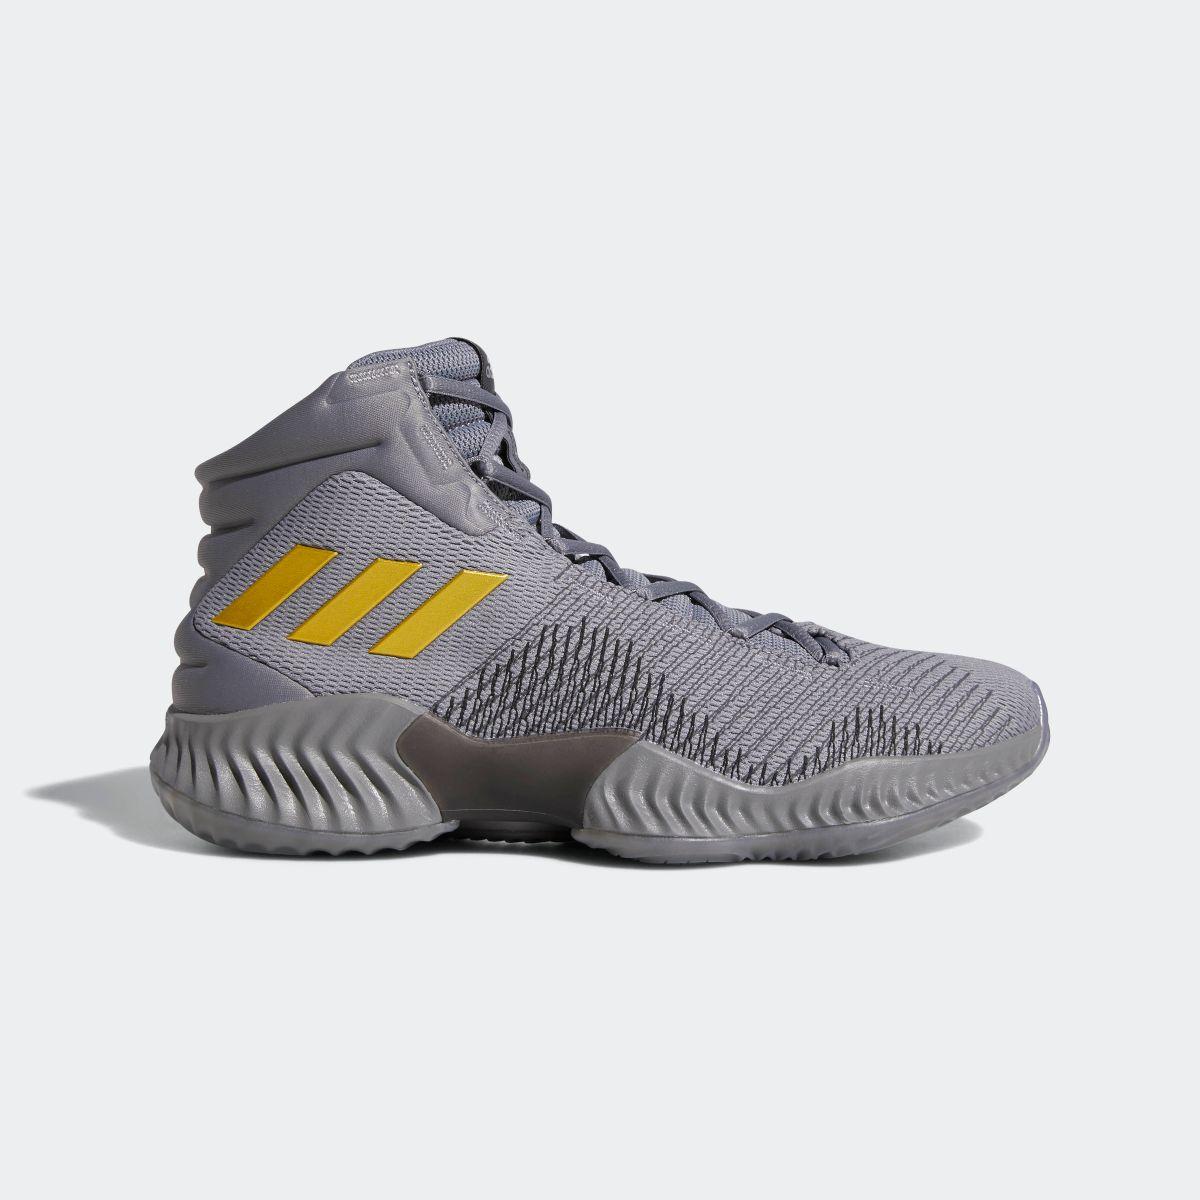 【公式】アディダス adidas PRO BOUNCE 2018 レディース メンズ AH2656 バスケットボール シューズ